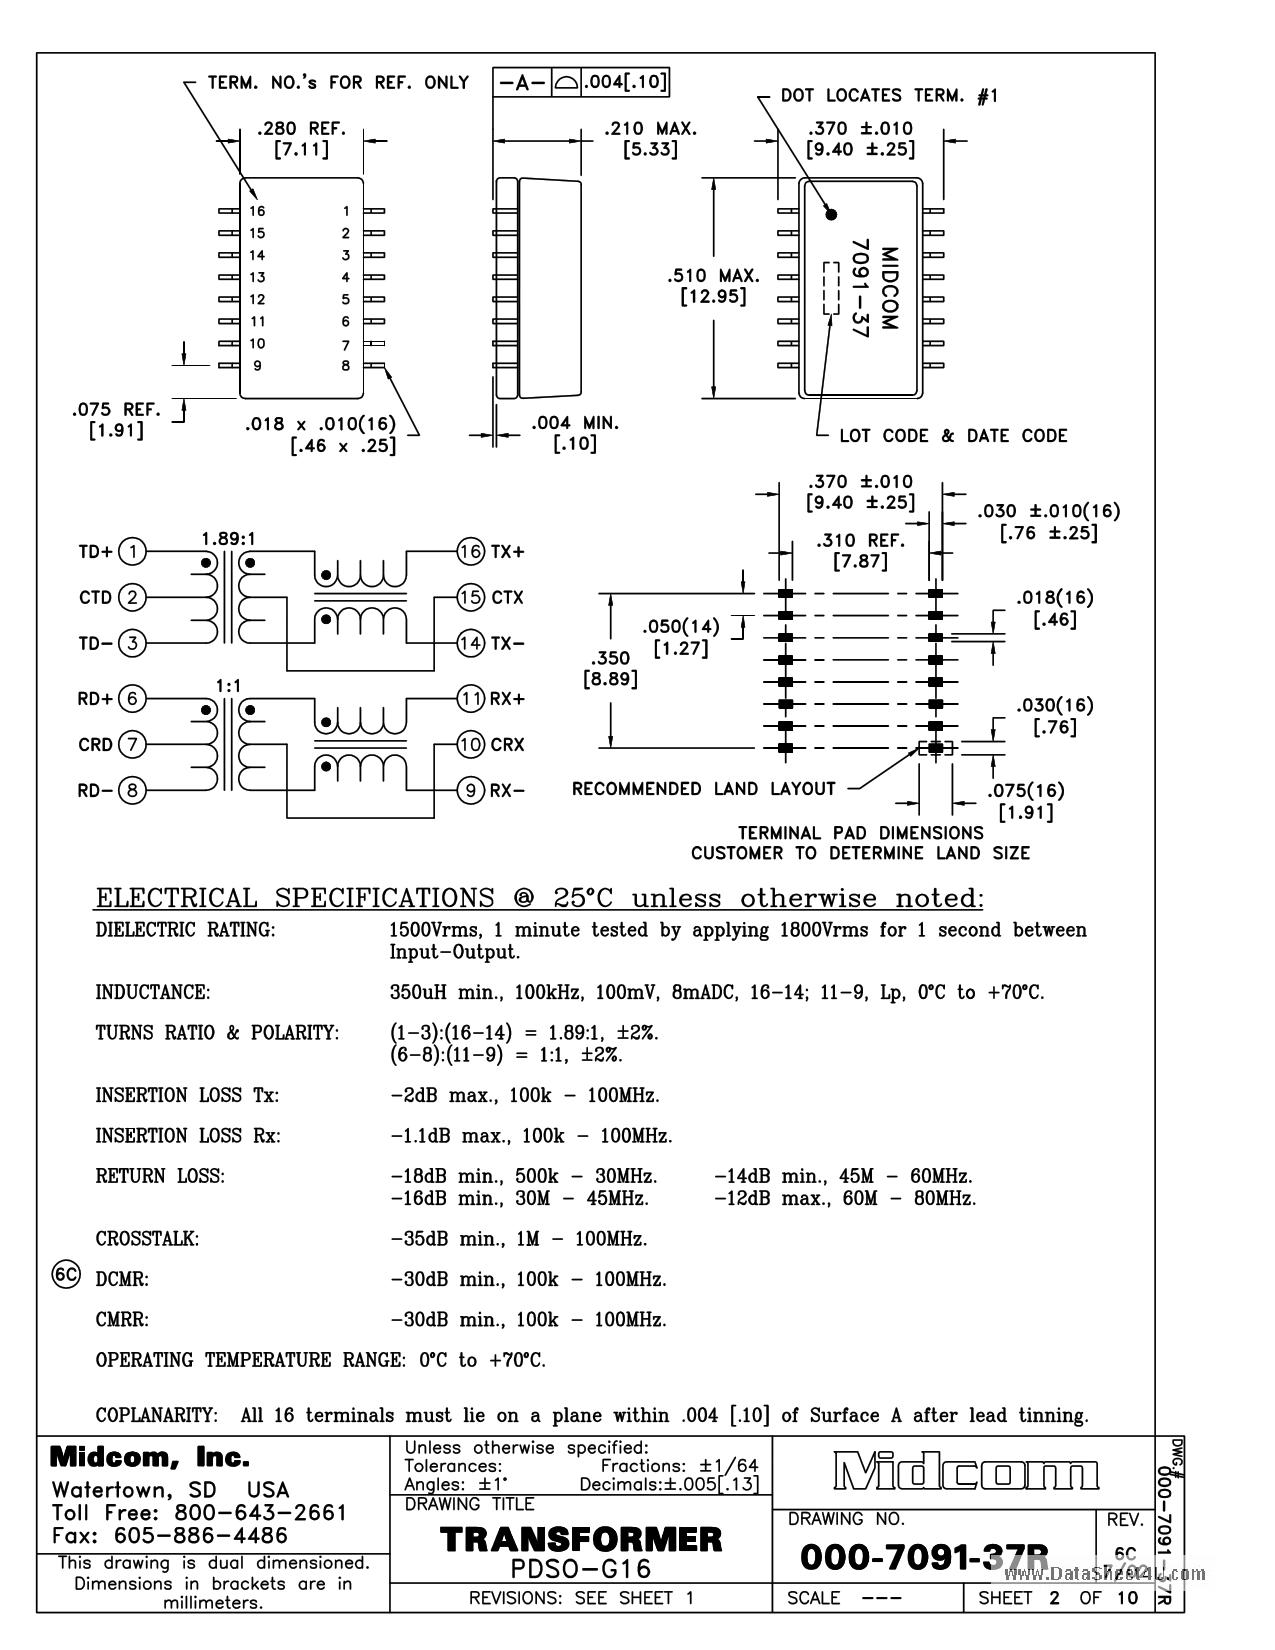 000-7091-37R Hoja de datos, Descripción, Manual